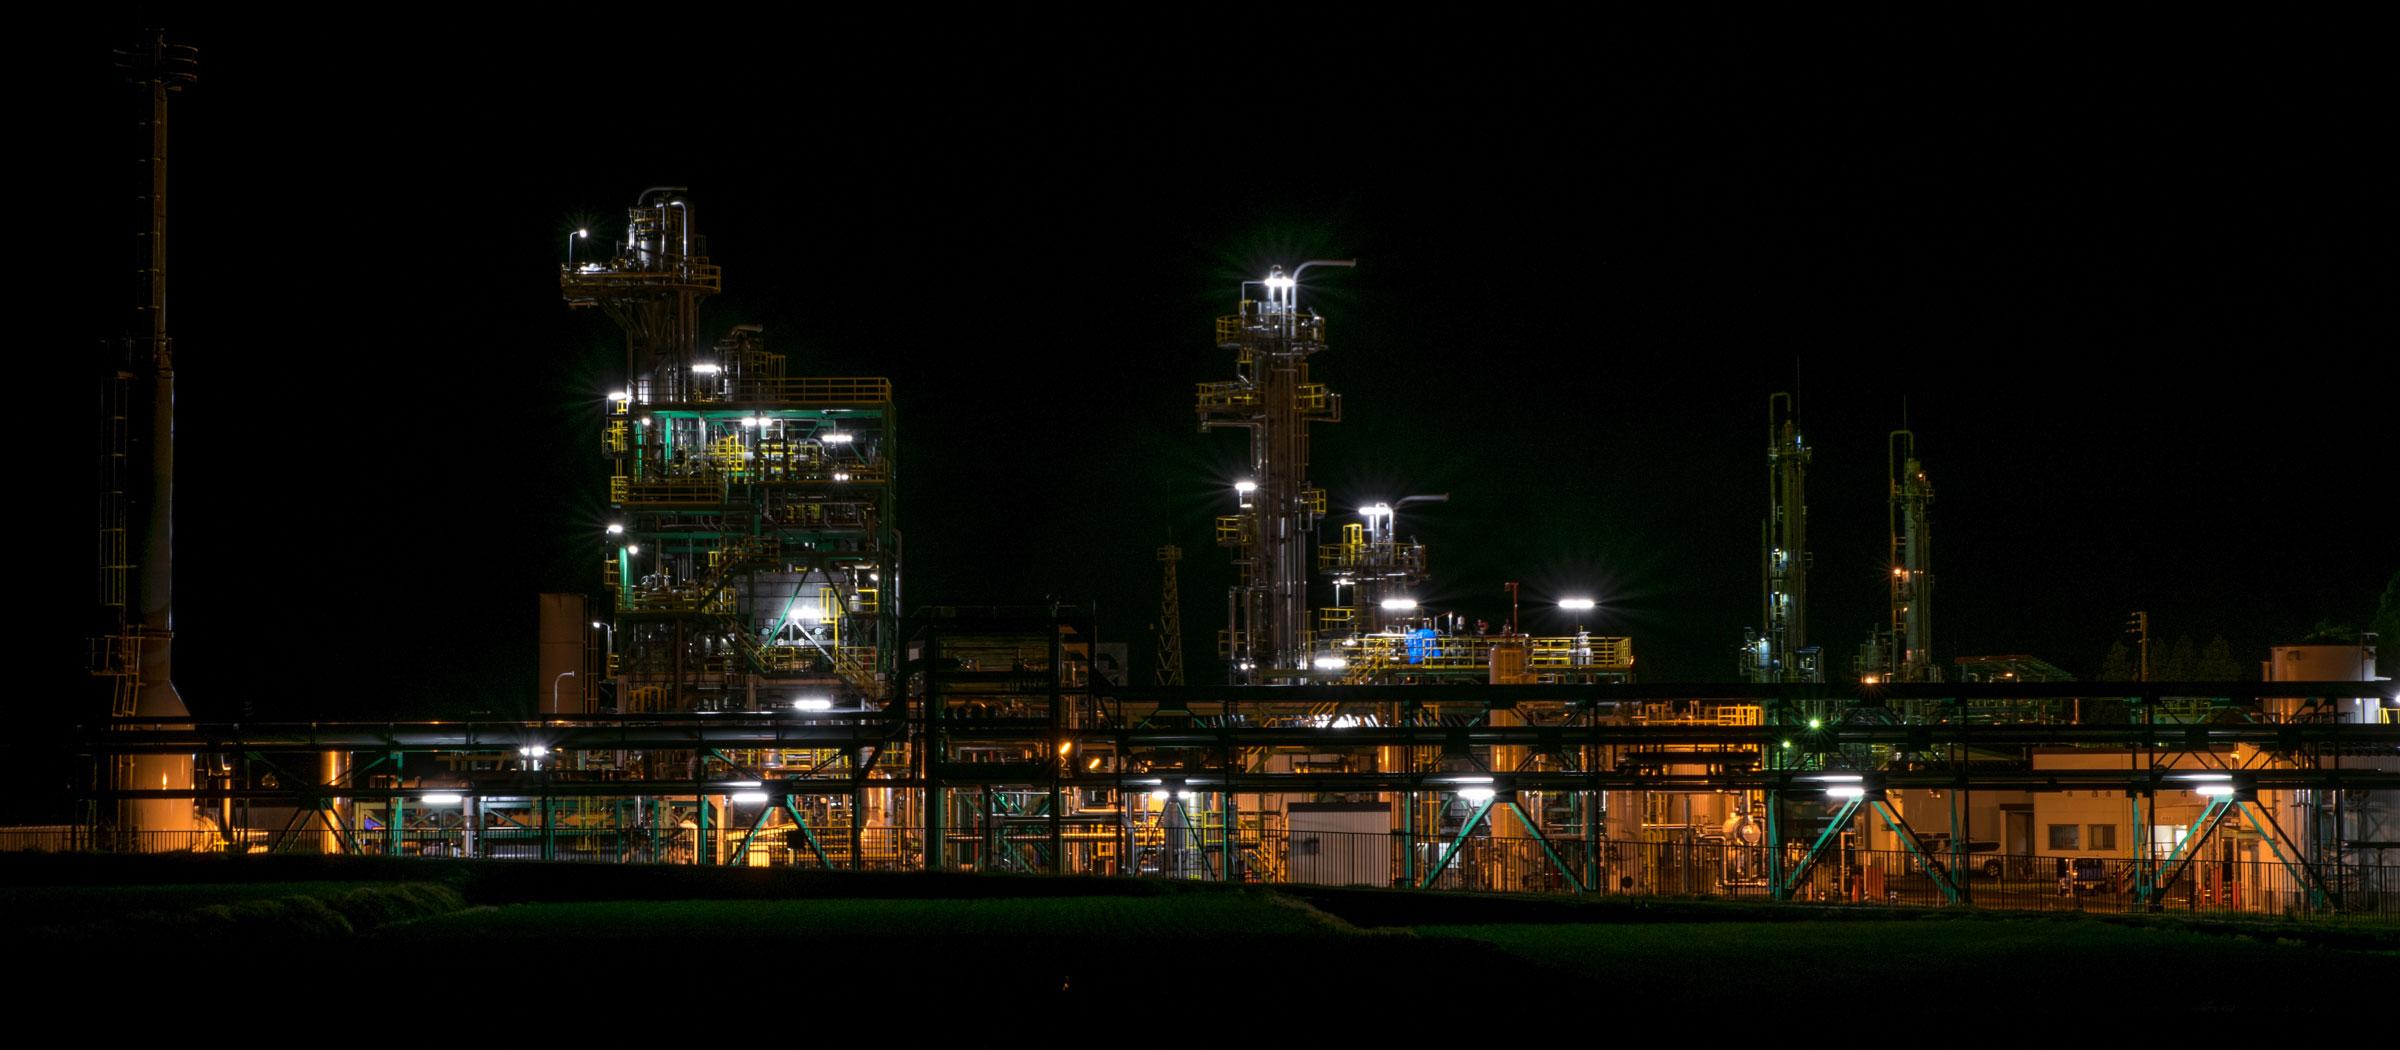 石油資源開発片貝鉱場